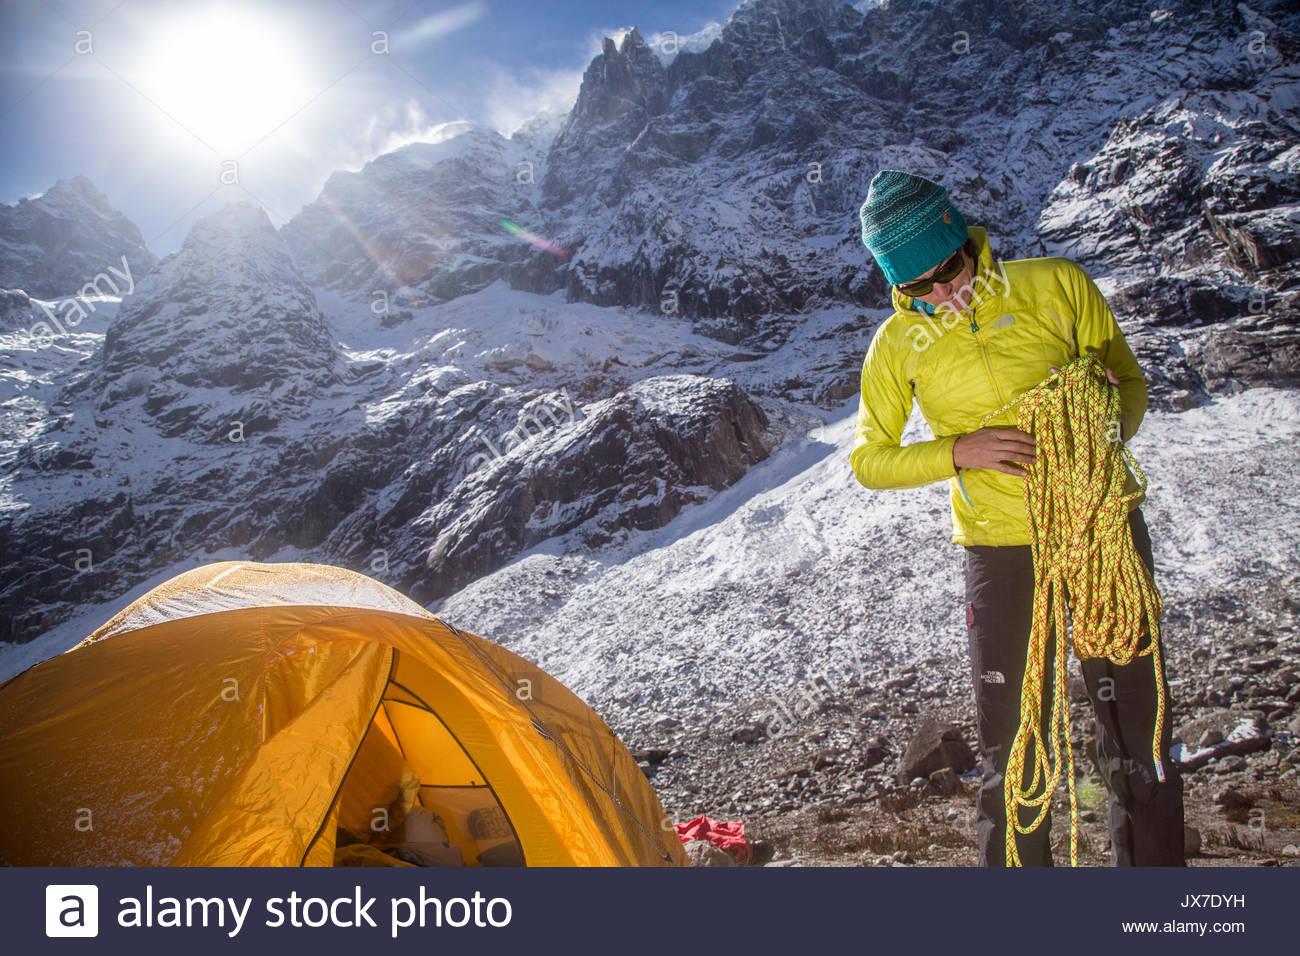 Un miembro de la expedición comprueba las cuerdas antes de emprender una expedición de montañismo. Imagen De Stock